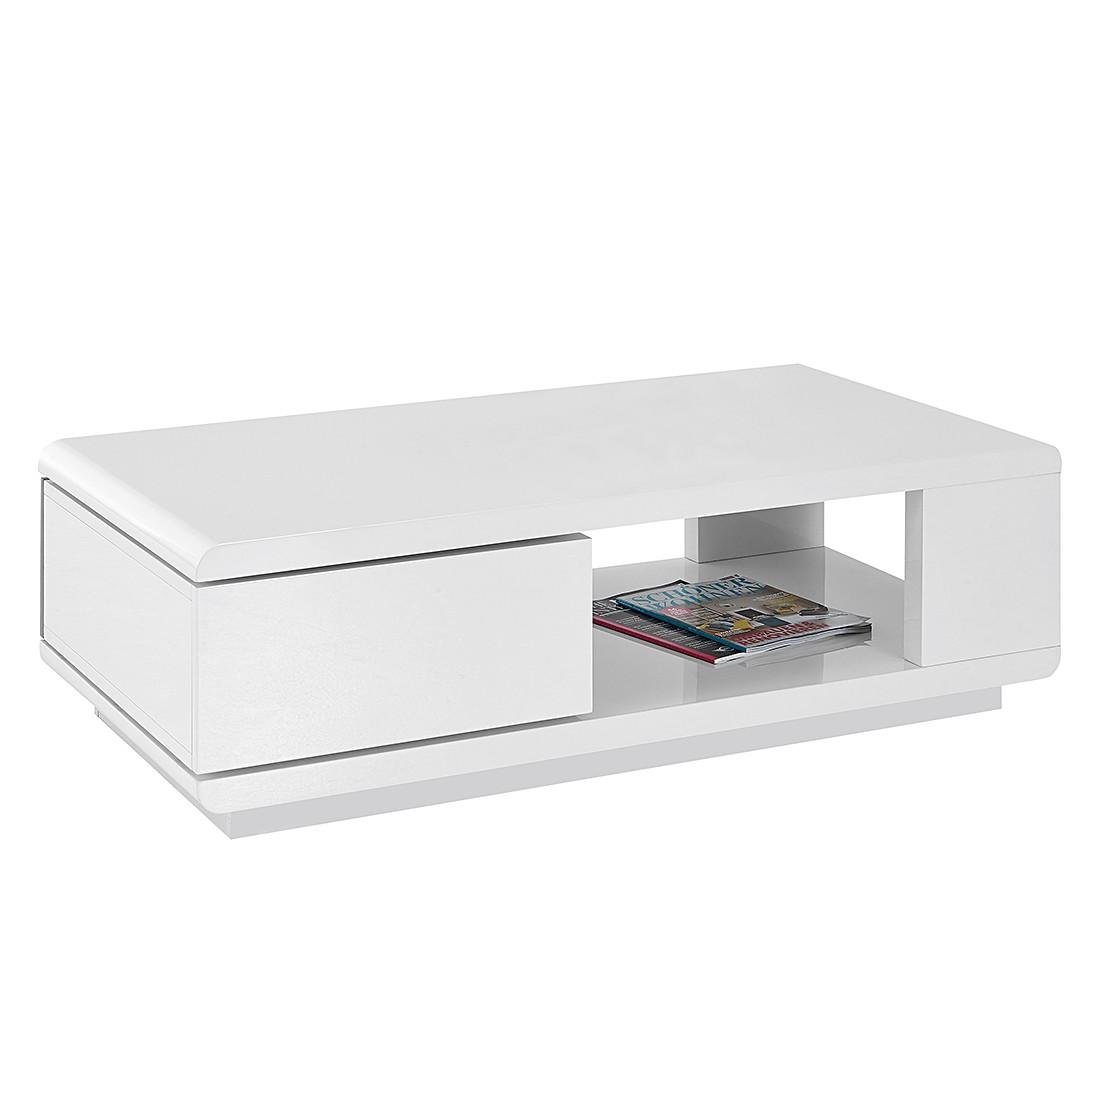 kleine meubels Salontafel Fergus - hoogglans wit roomscape voor 0.00 ...